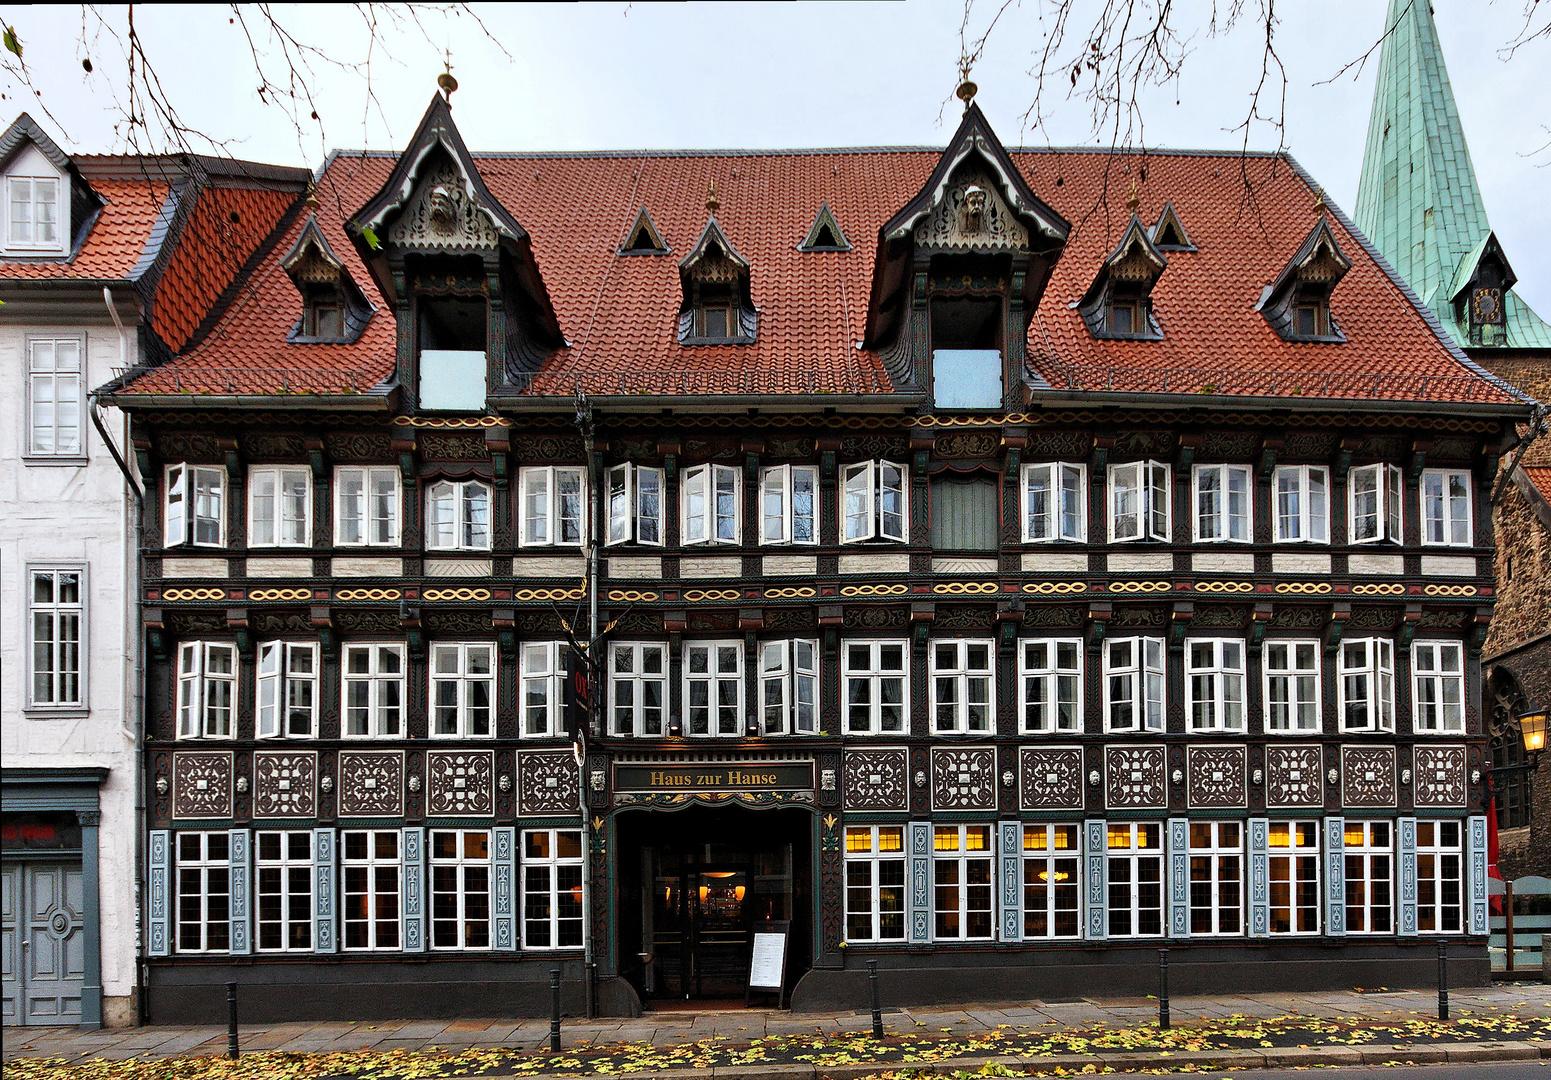 Stadtansichten - Haus zur Hanse